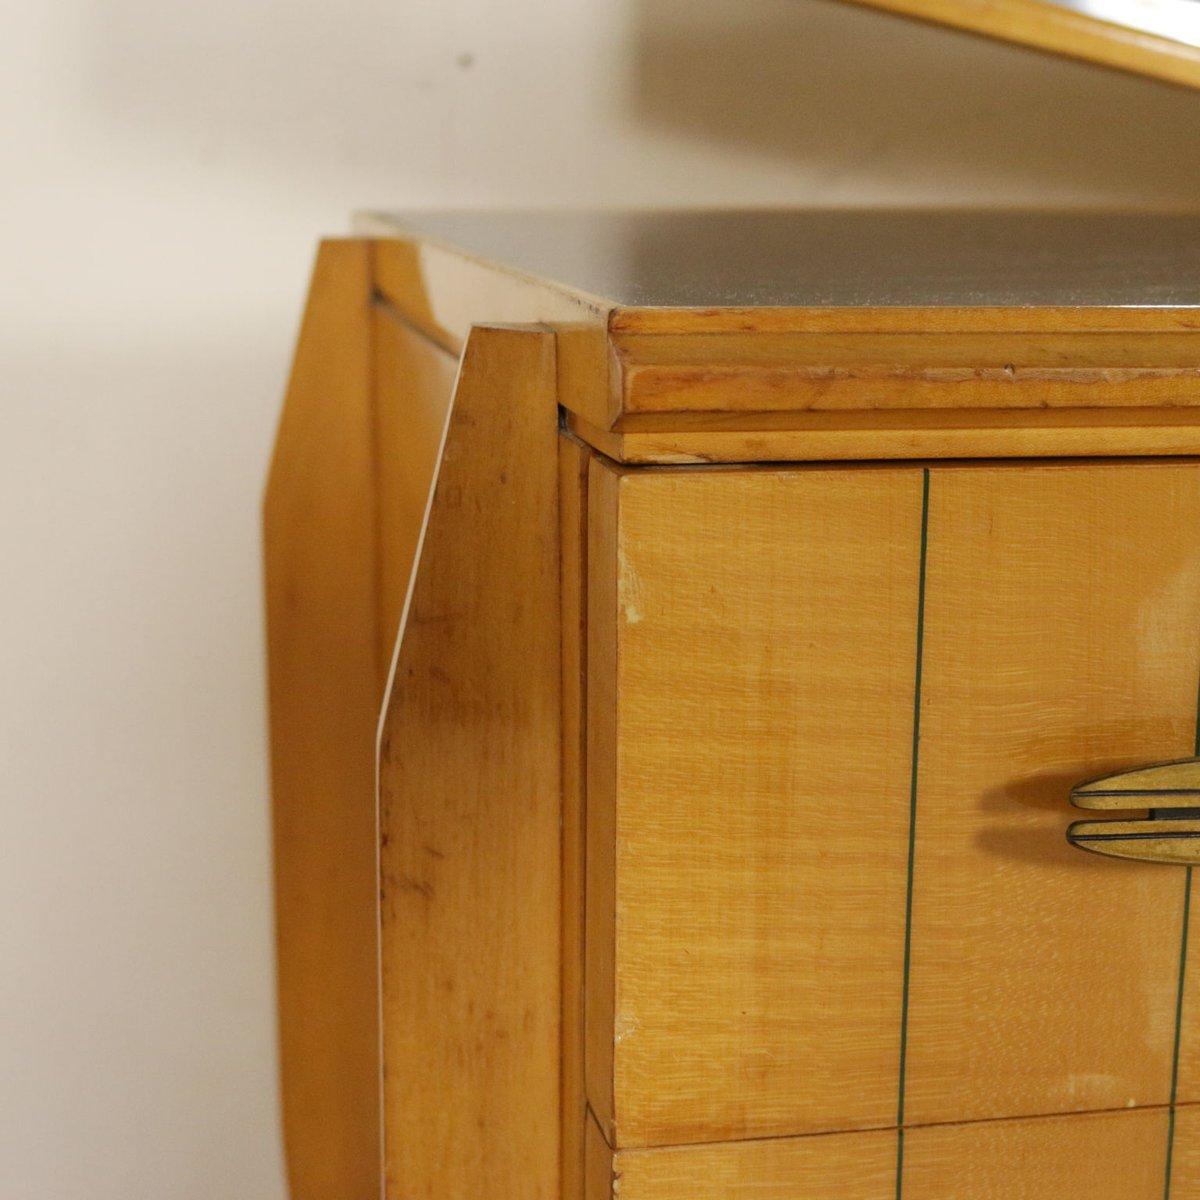 ahorn buche kommode mit spiegel 1950er bei pamono kaufen. Black Bedroom Furniture Sets. Home Design Ideas